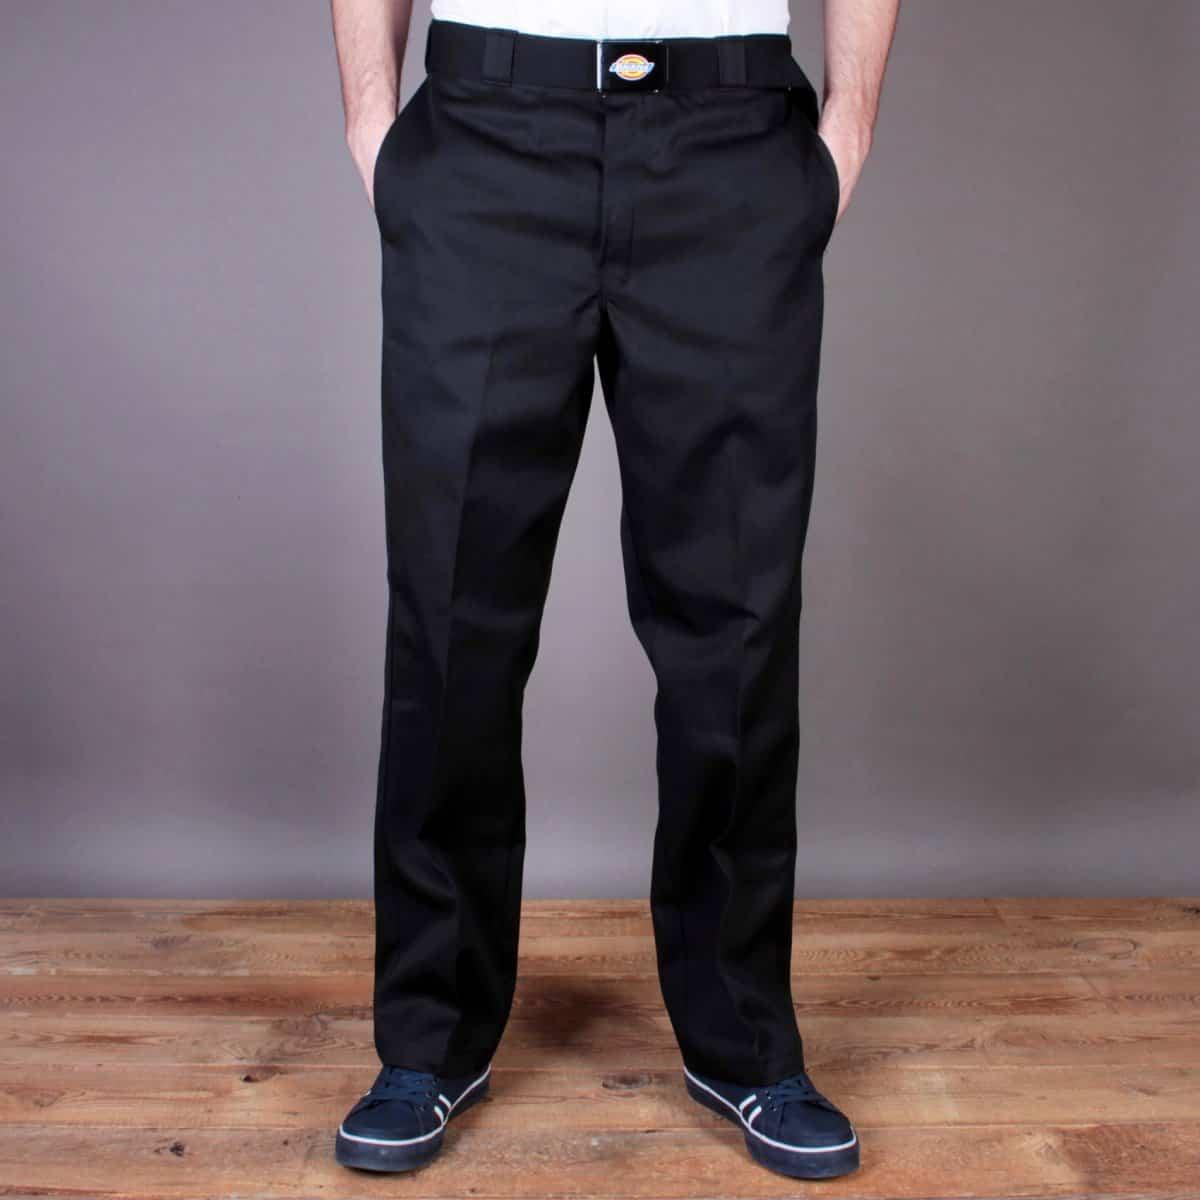 Dickies 874 Work Pants